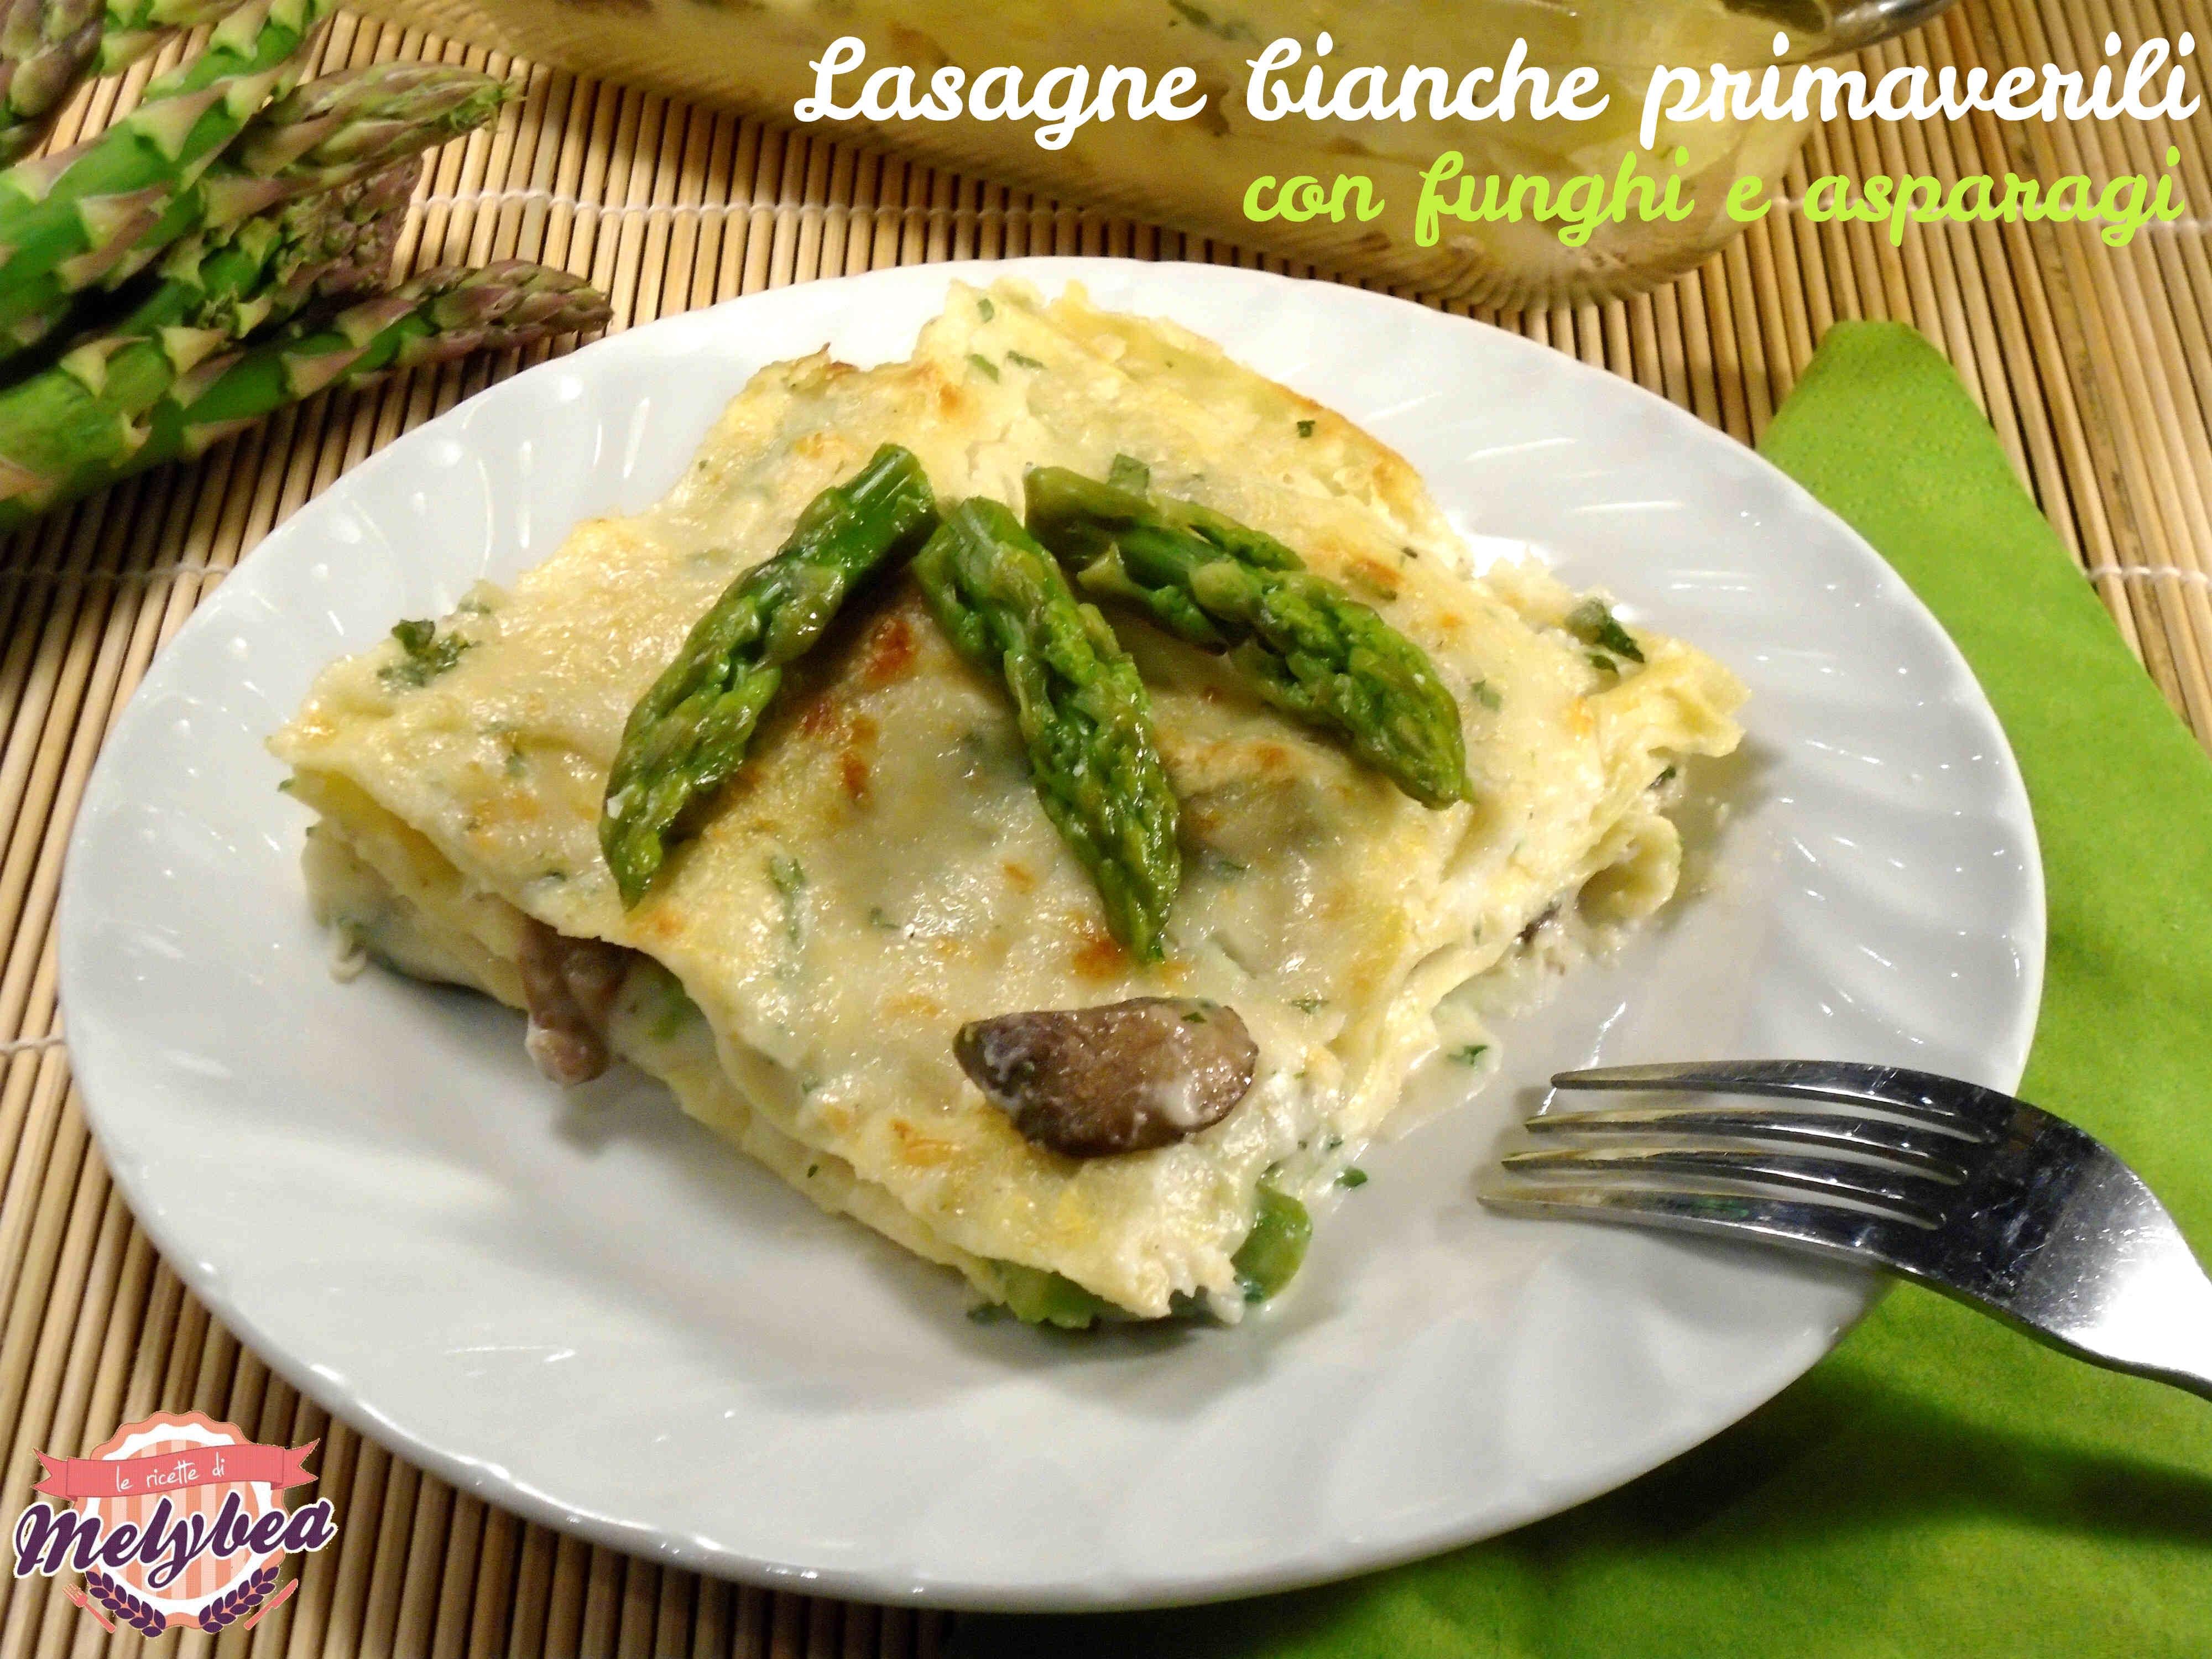 lasagne bianche primaverili con funghi e asparagi